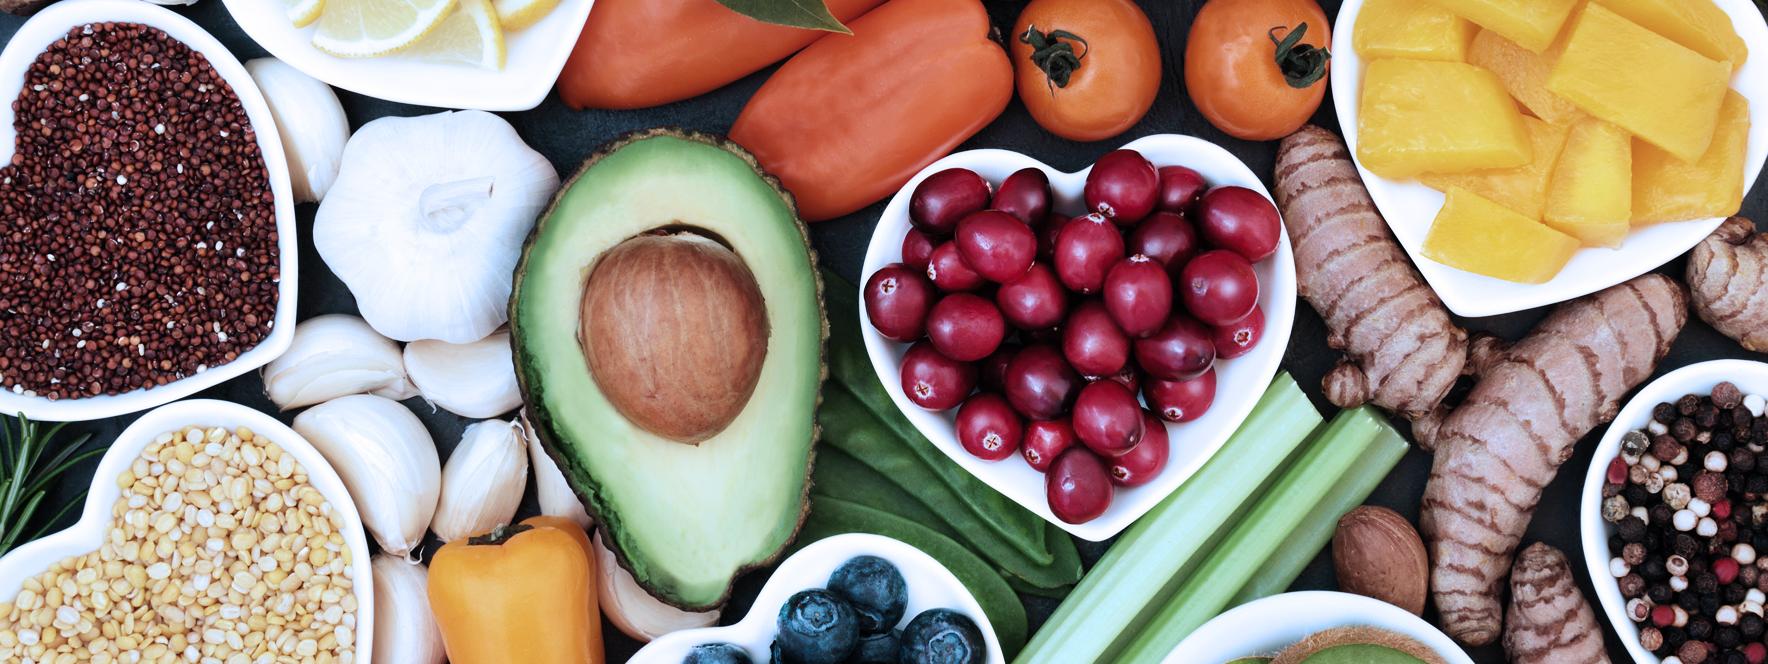 L'alimentation et l'hydratation - Blogue du Réseau